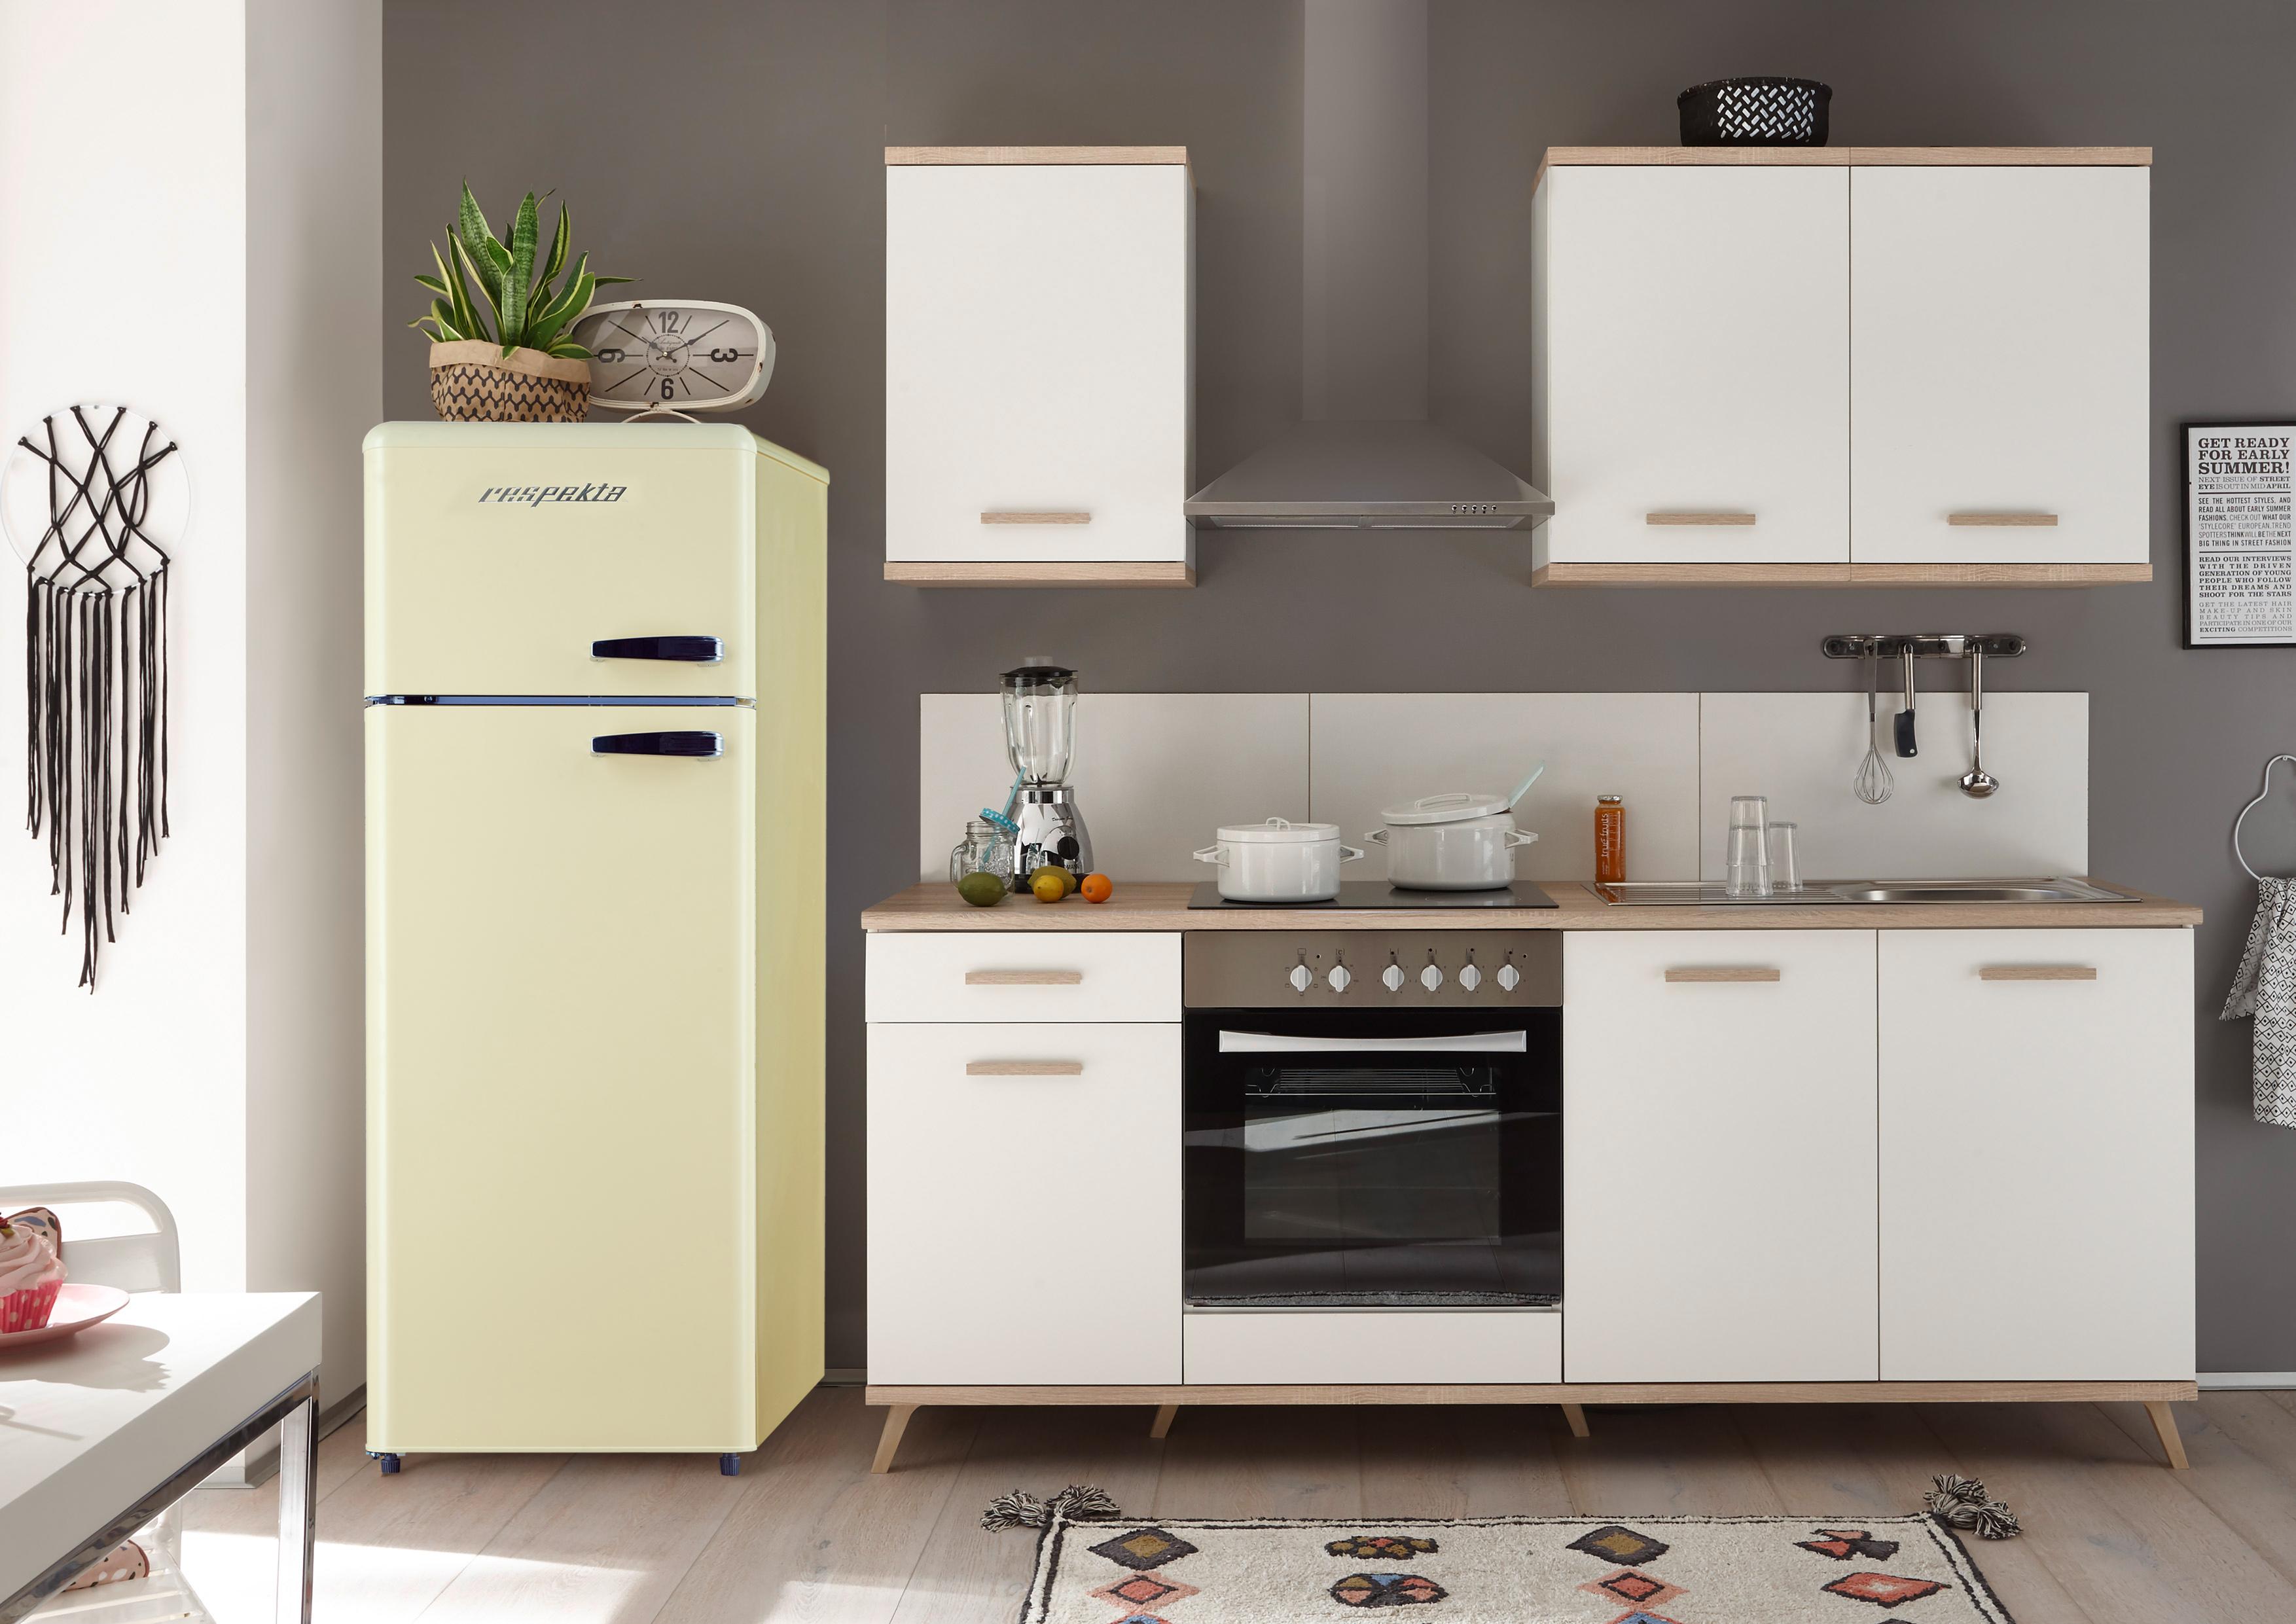 respekta Küche Küchenzeile Retro Küchenblock Einbauküche 265 cm weiß scandic